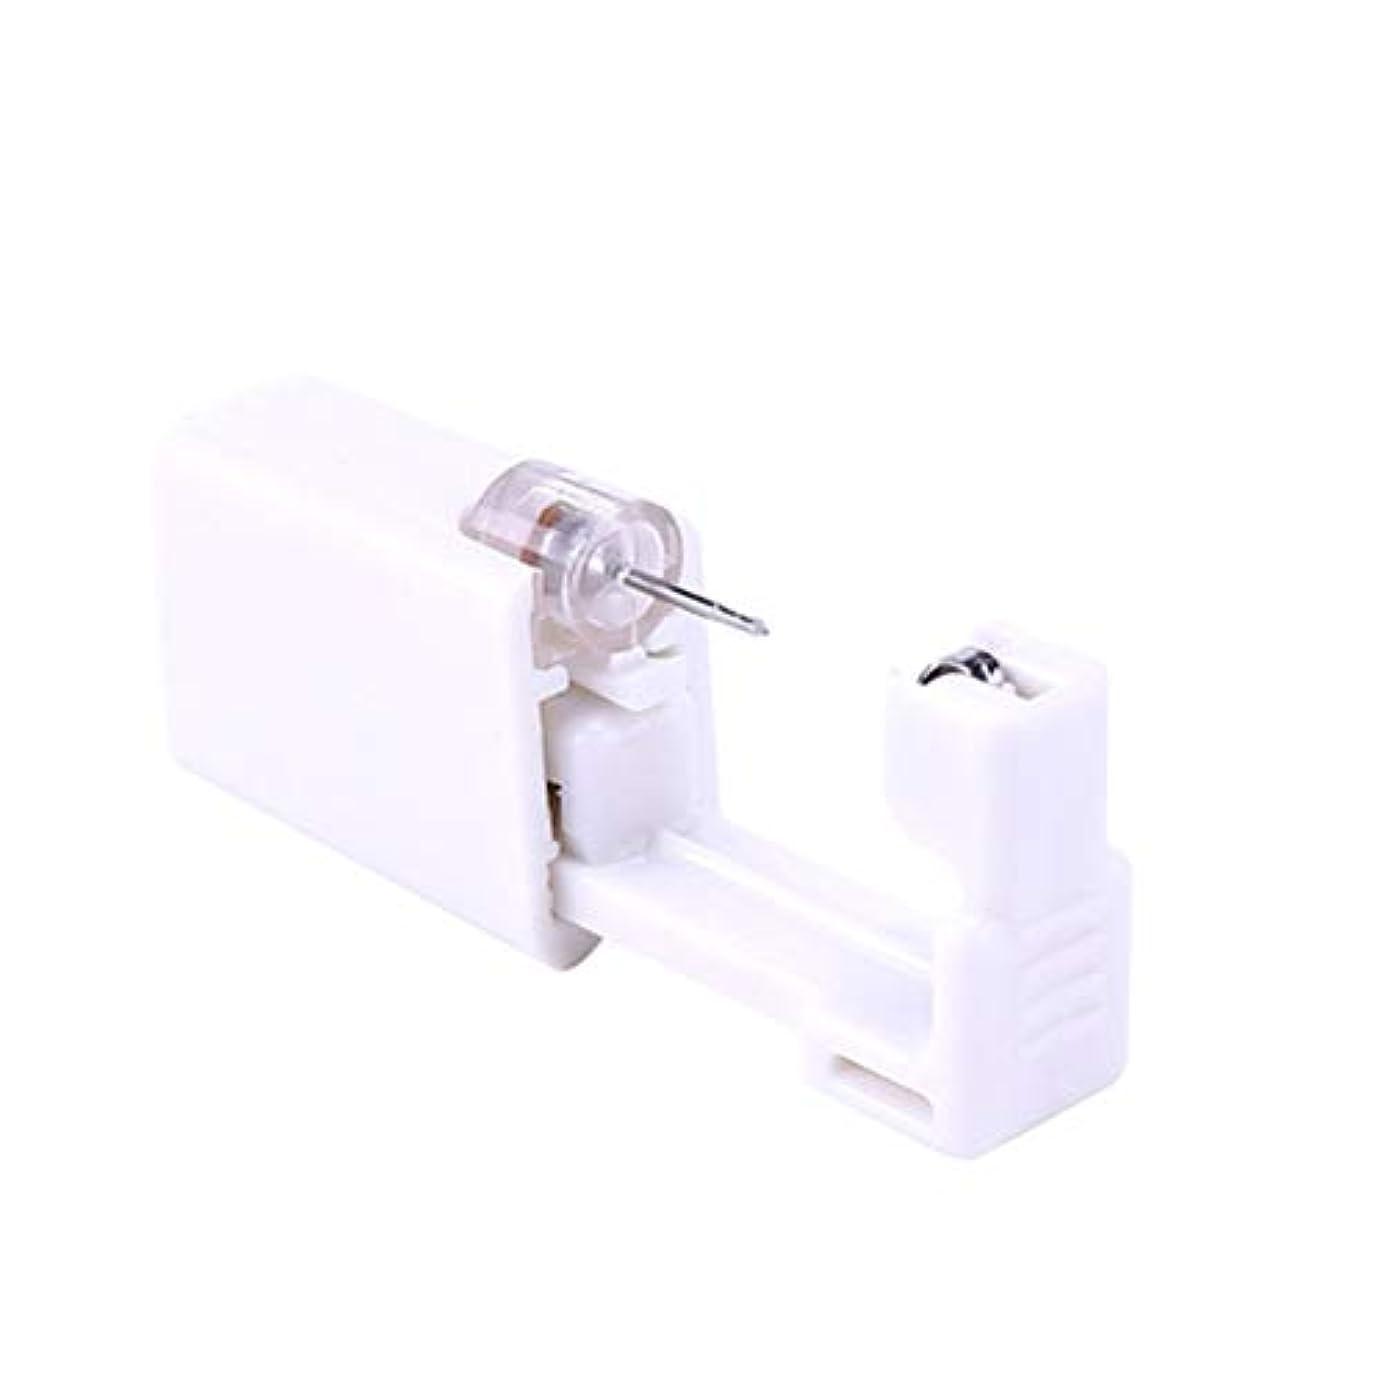 ありがたい報復するラウズSUPVOX 2本使い捨て耳ピアスガンボディピアスガンピアスツールピアスデバイス(ホワイト)